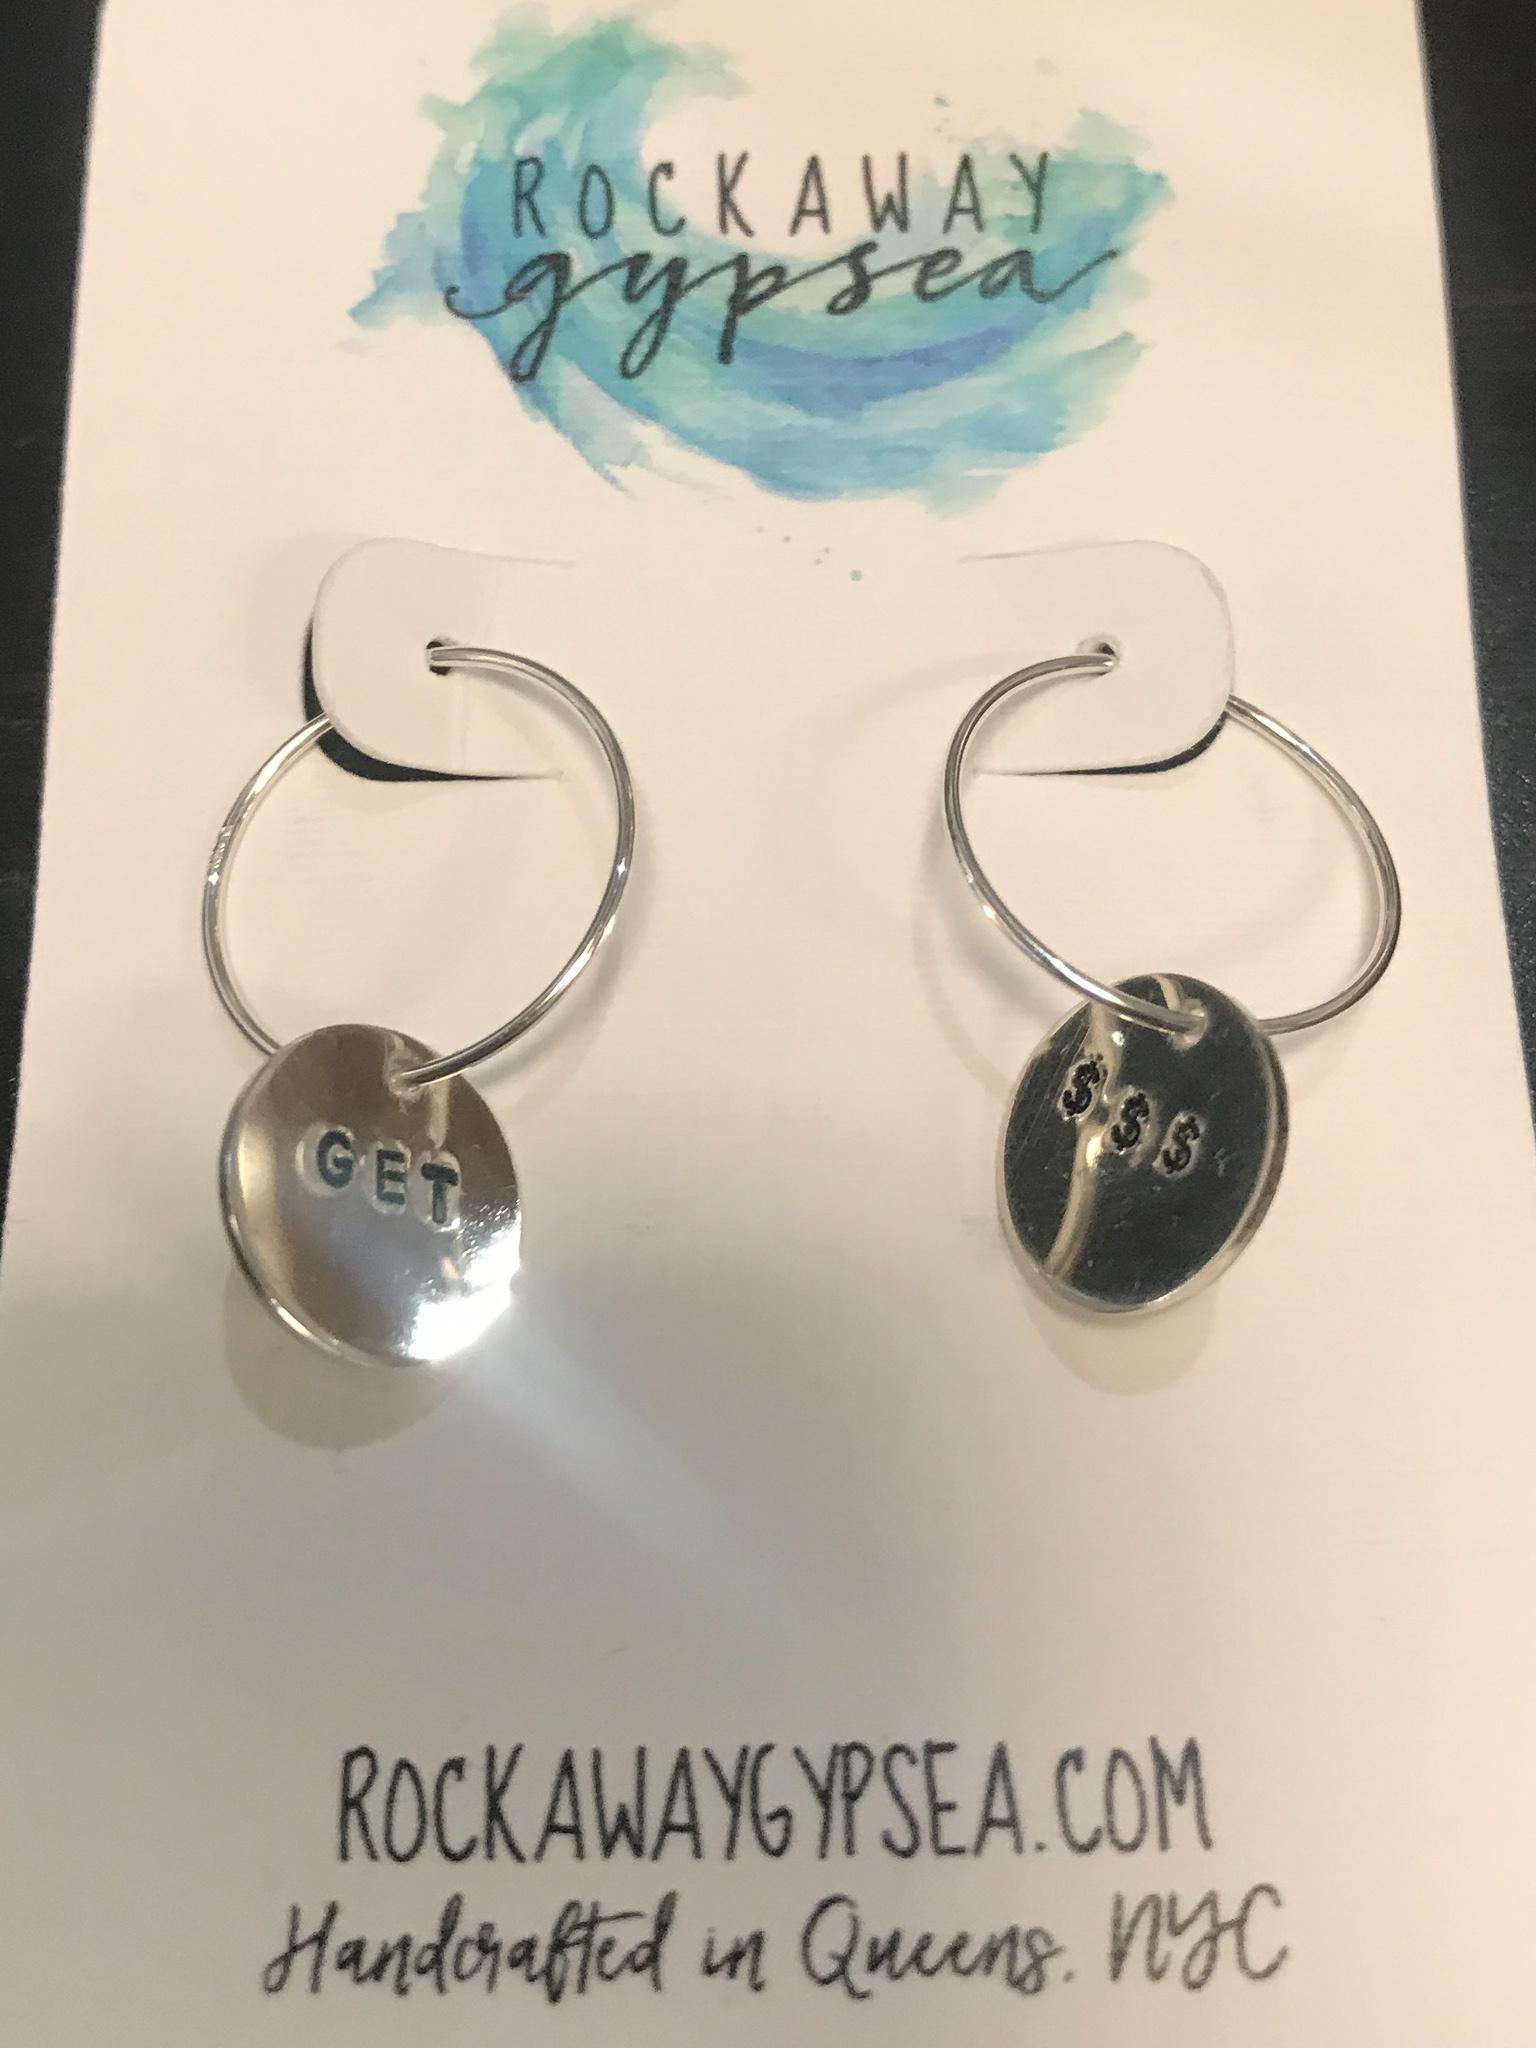 Rockaway Gypsea Stamped Hoop Earring Sterling - Get $$$